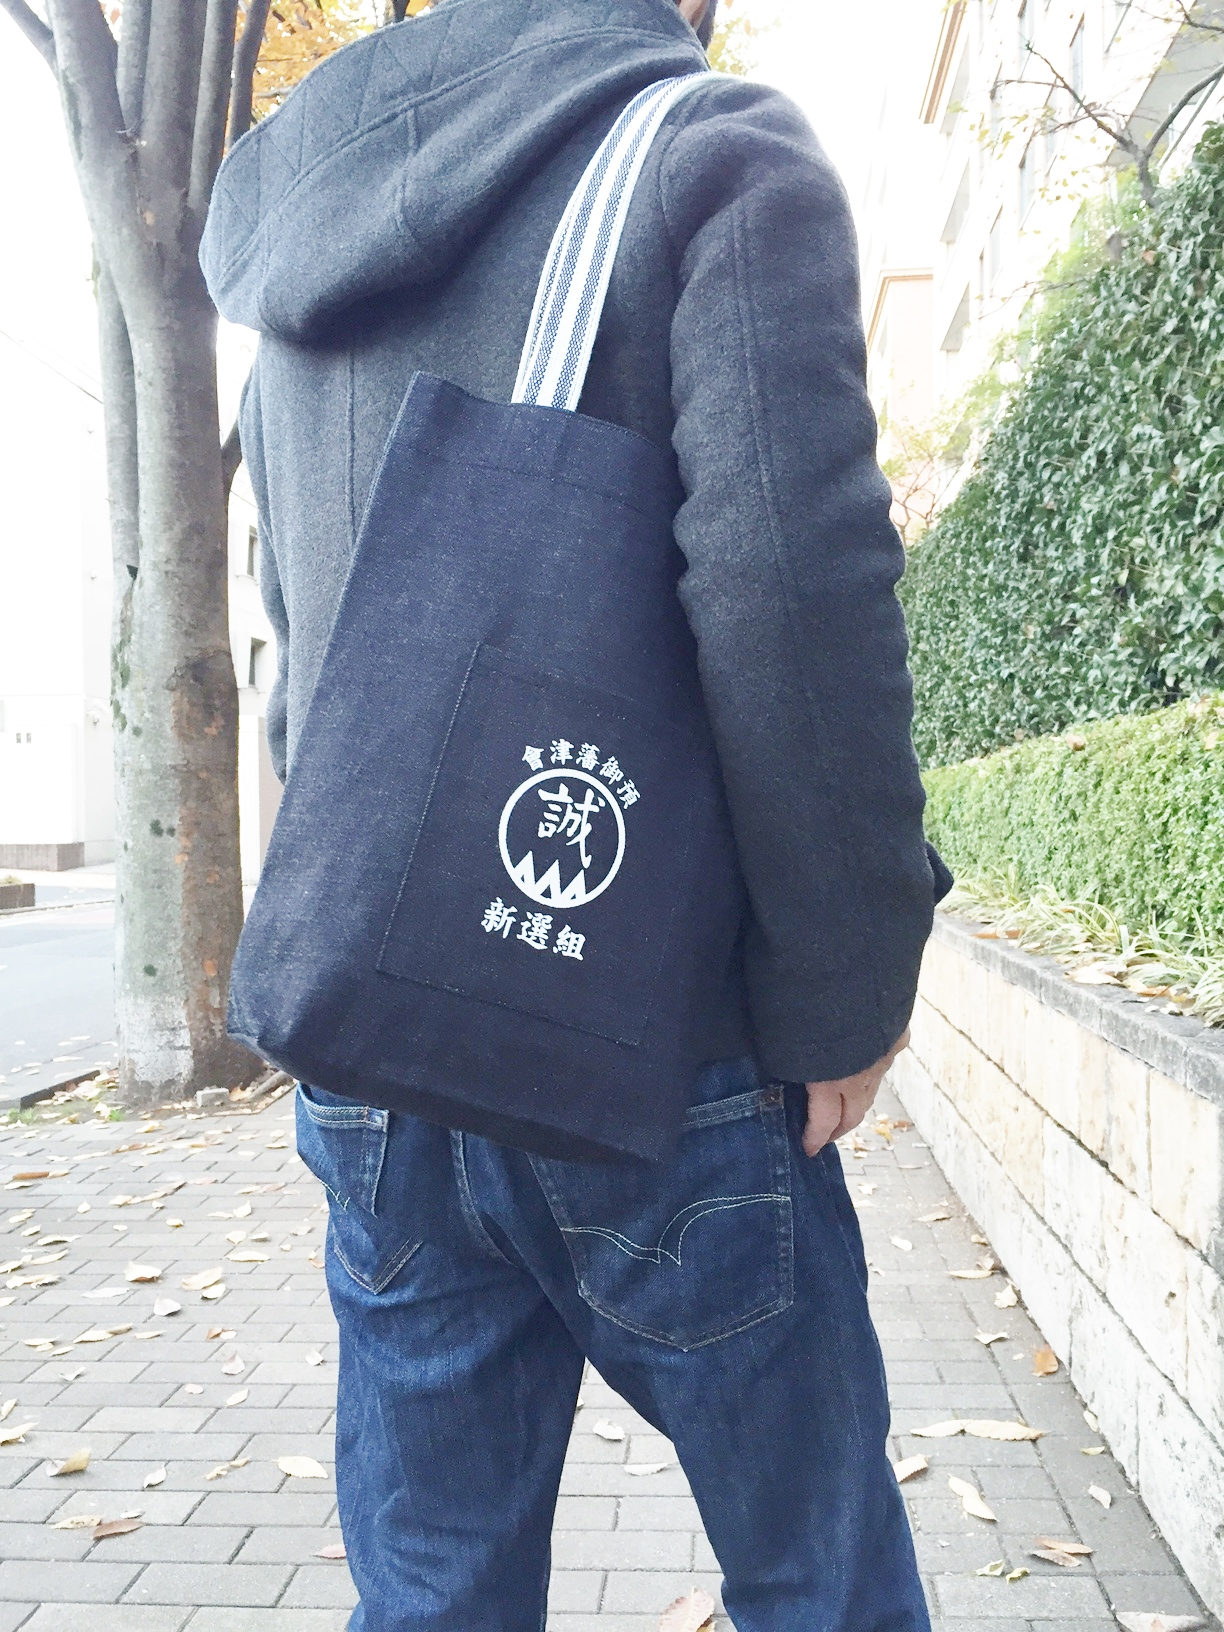 會津藩御預 新選組肩掛けトートバッグ